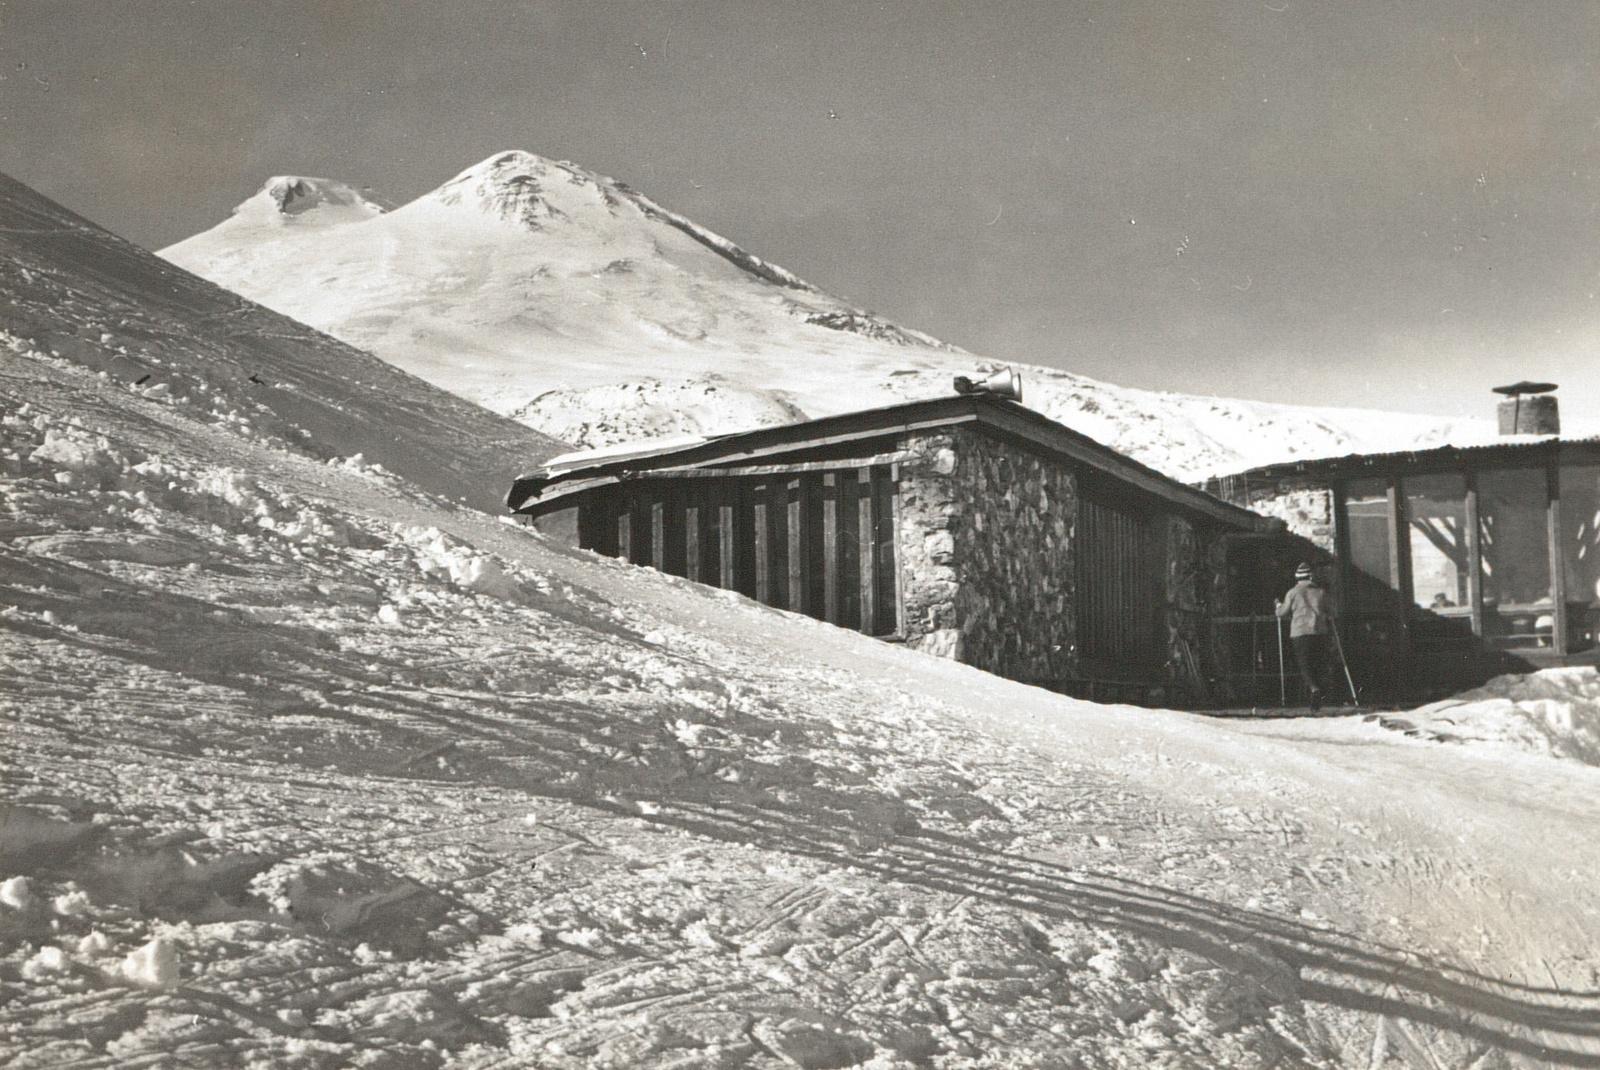 Центральный Кавказ. Лыжный склон на Чегете. Кафе на средней станции